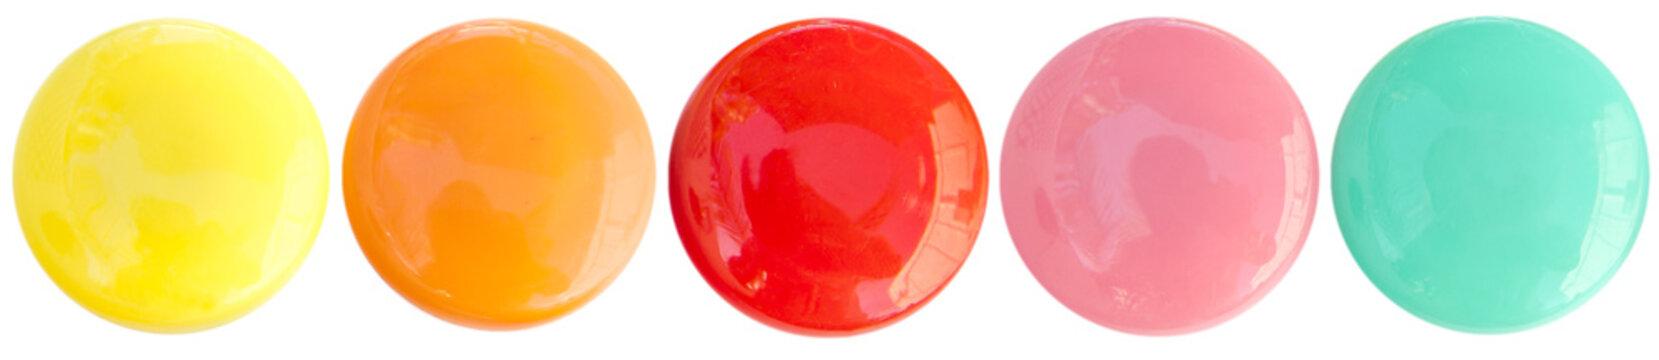 boutons magnétiques bonbons acidulés sur fond blanc